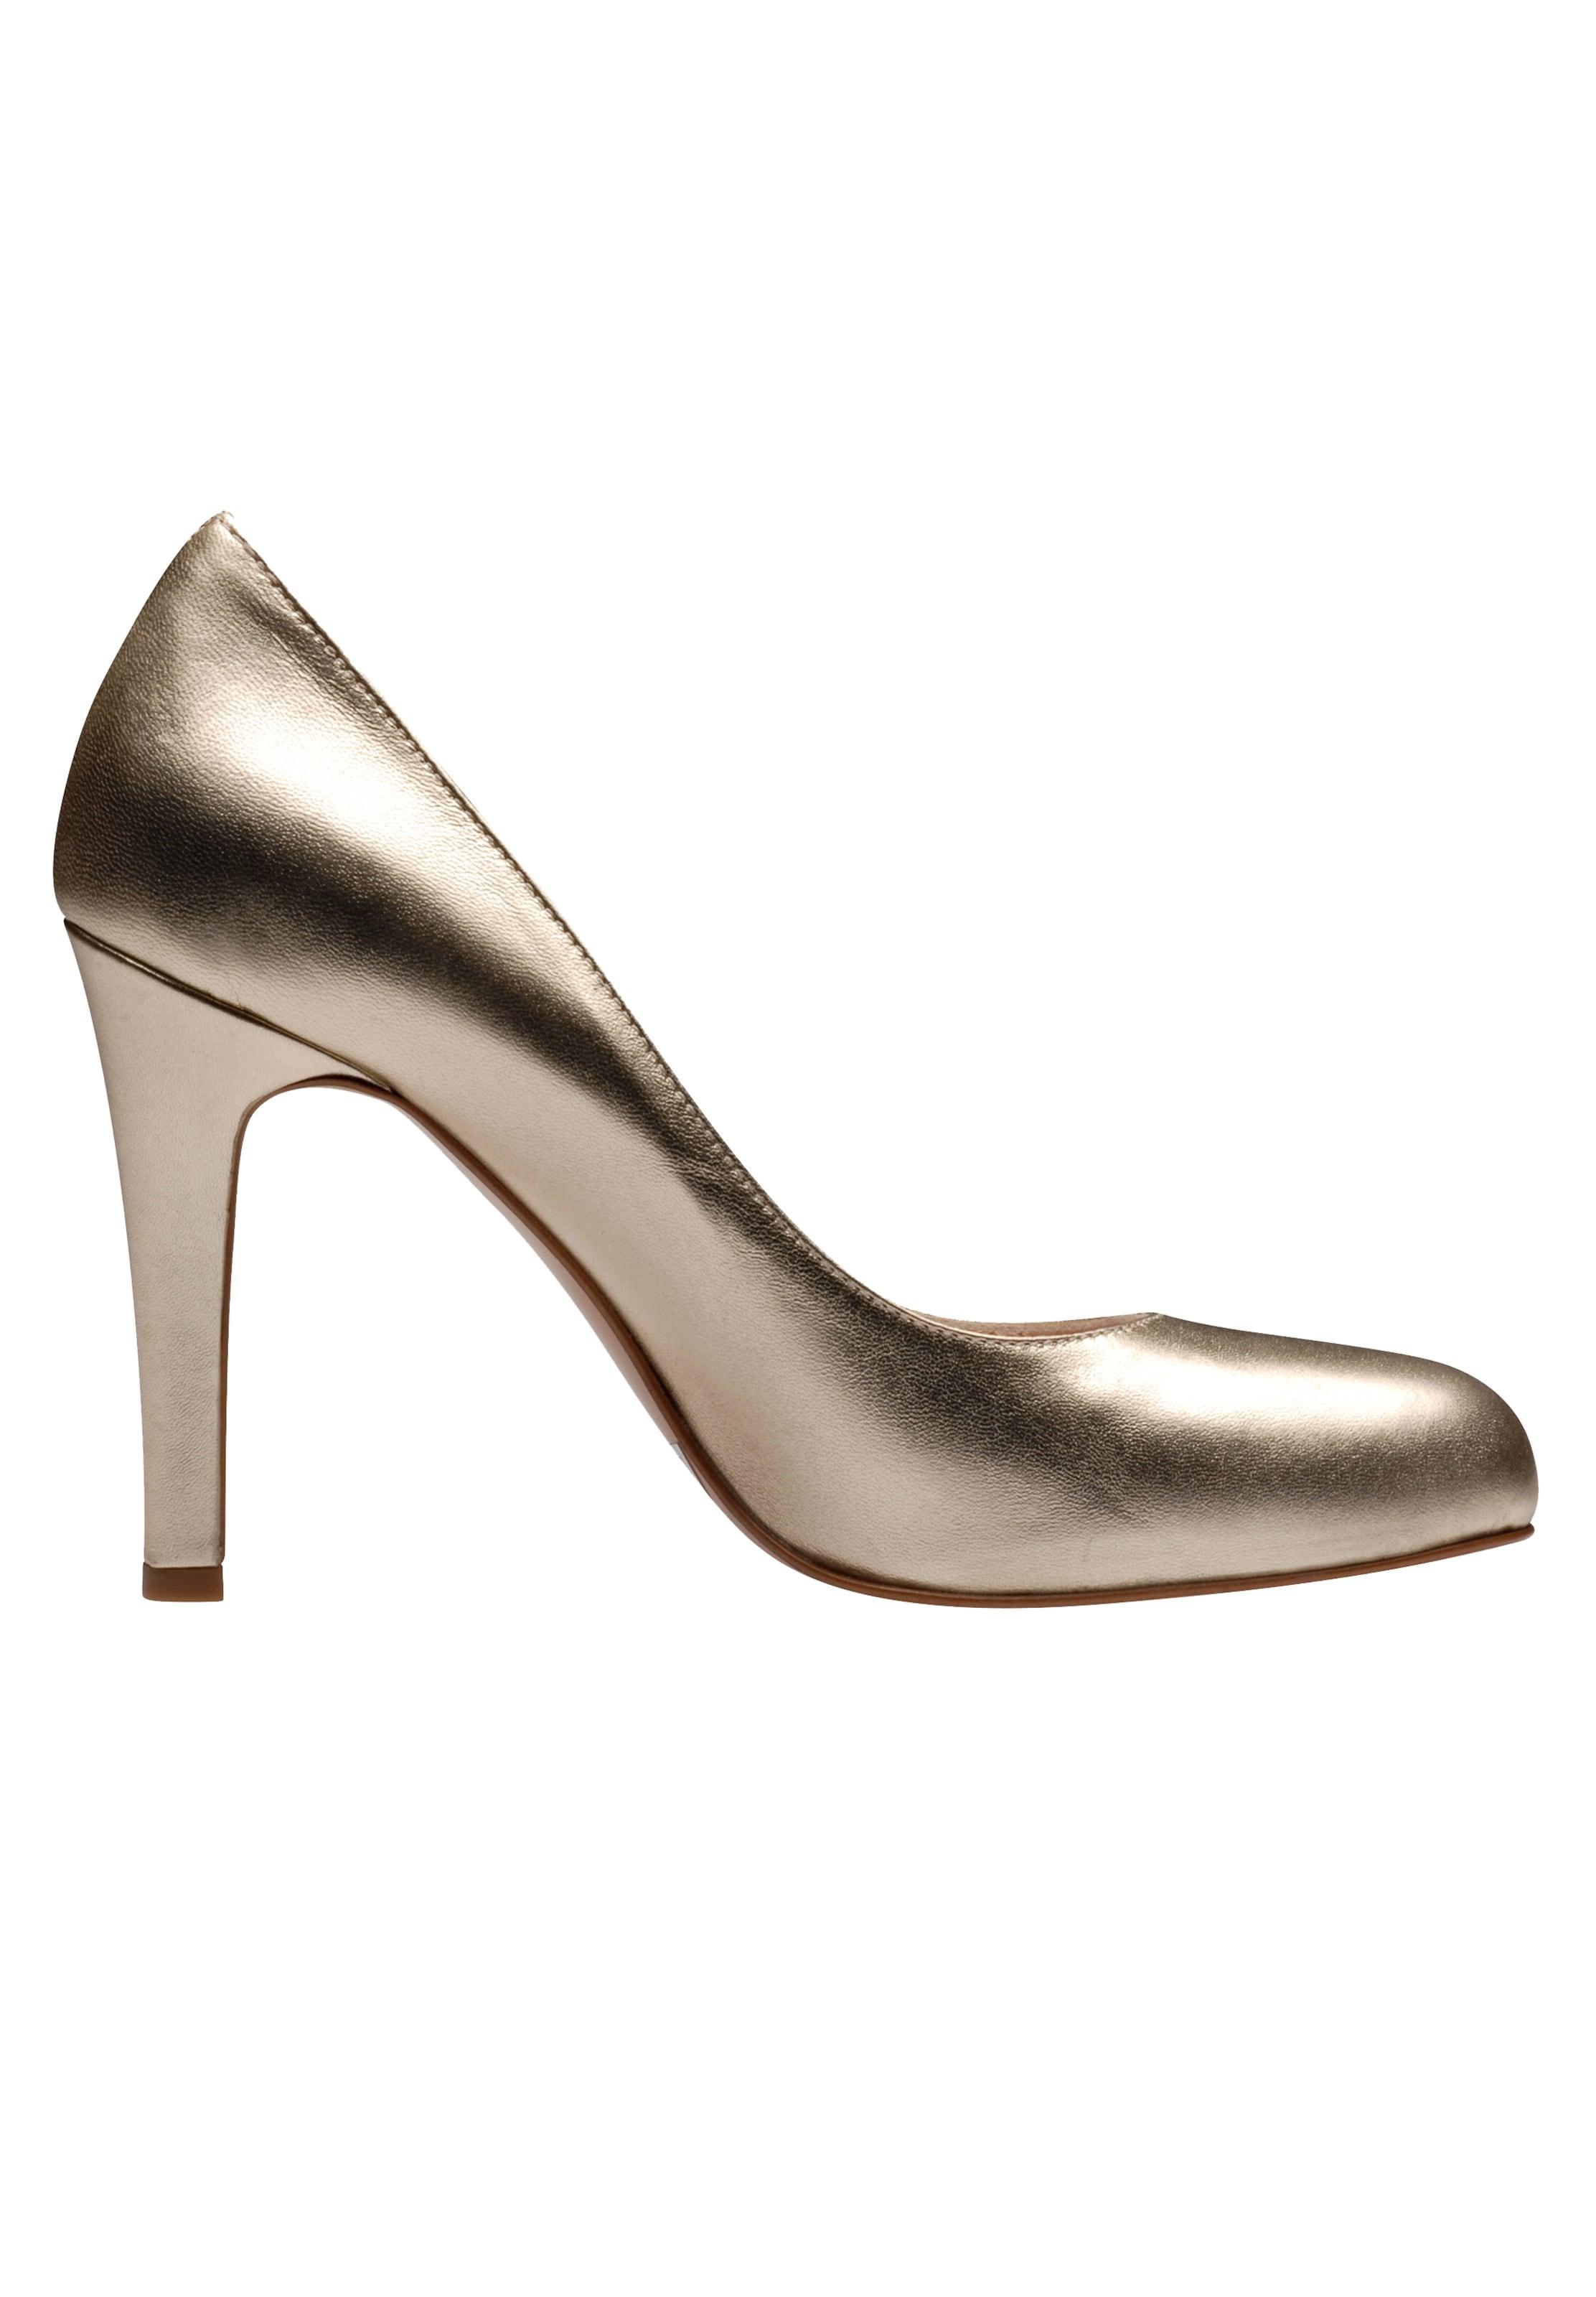 Evita Gold Evita Pumps Pumps Pumps In Evita In Gold PZkXiuO